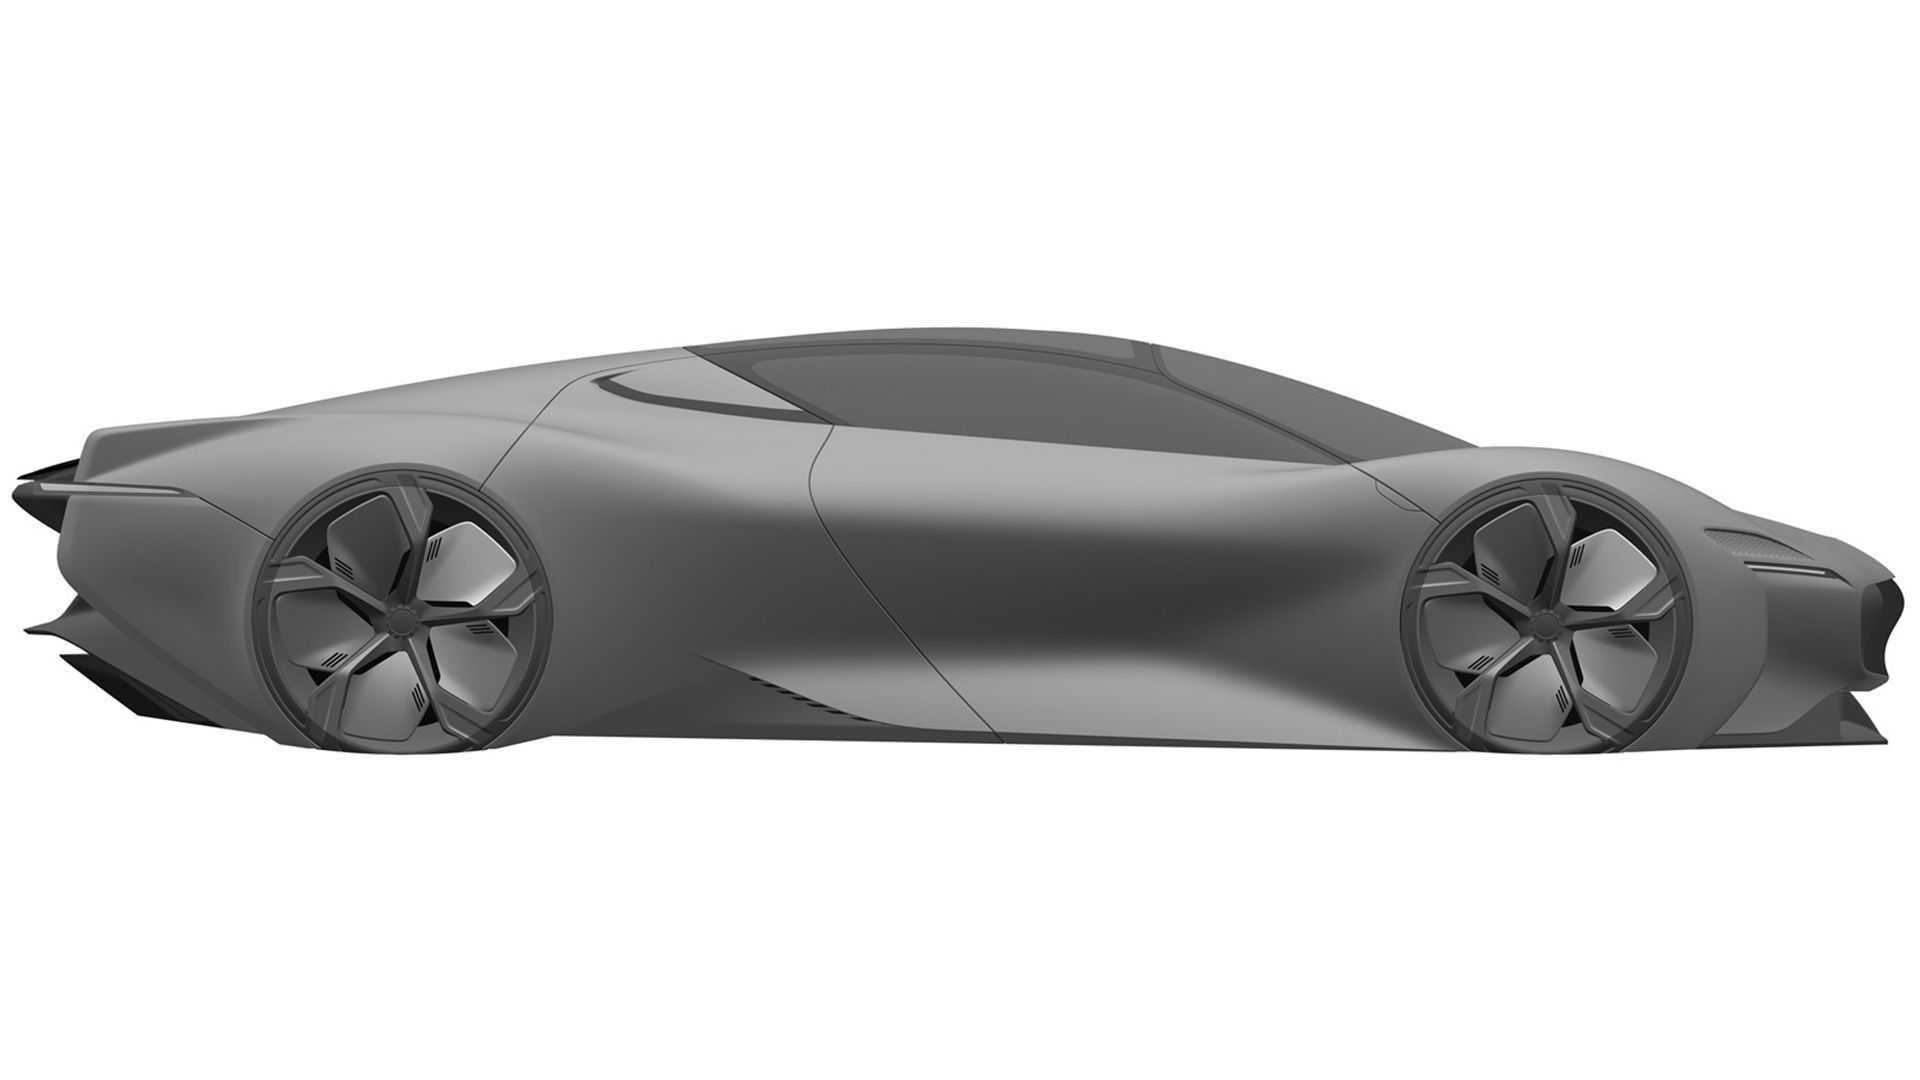 Jaguar-Supercar-Patent-Images-6